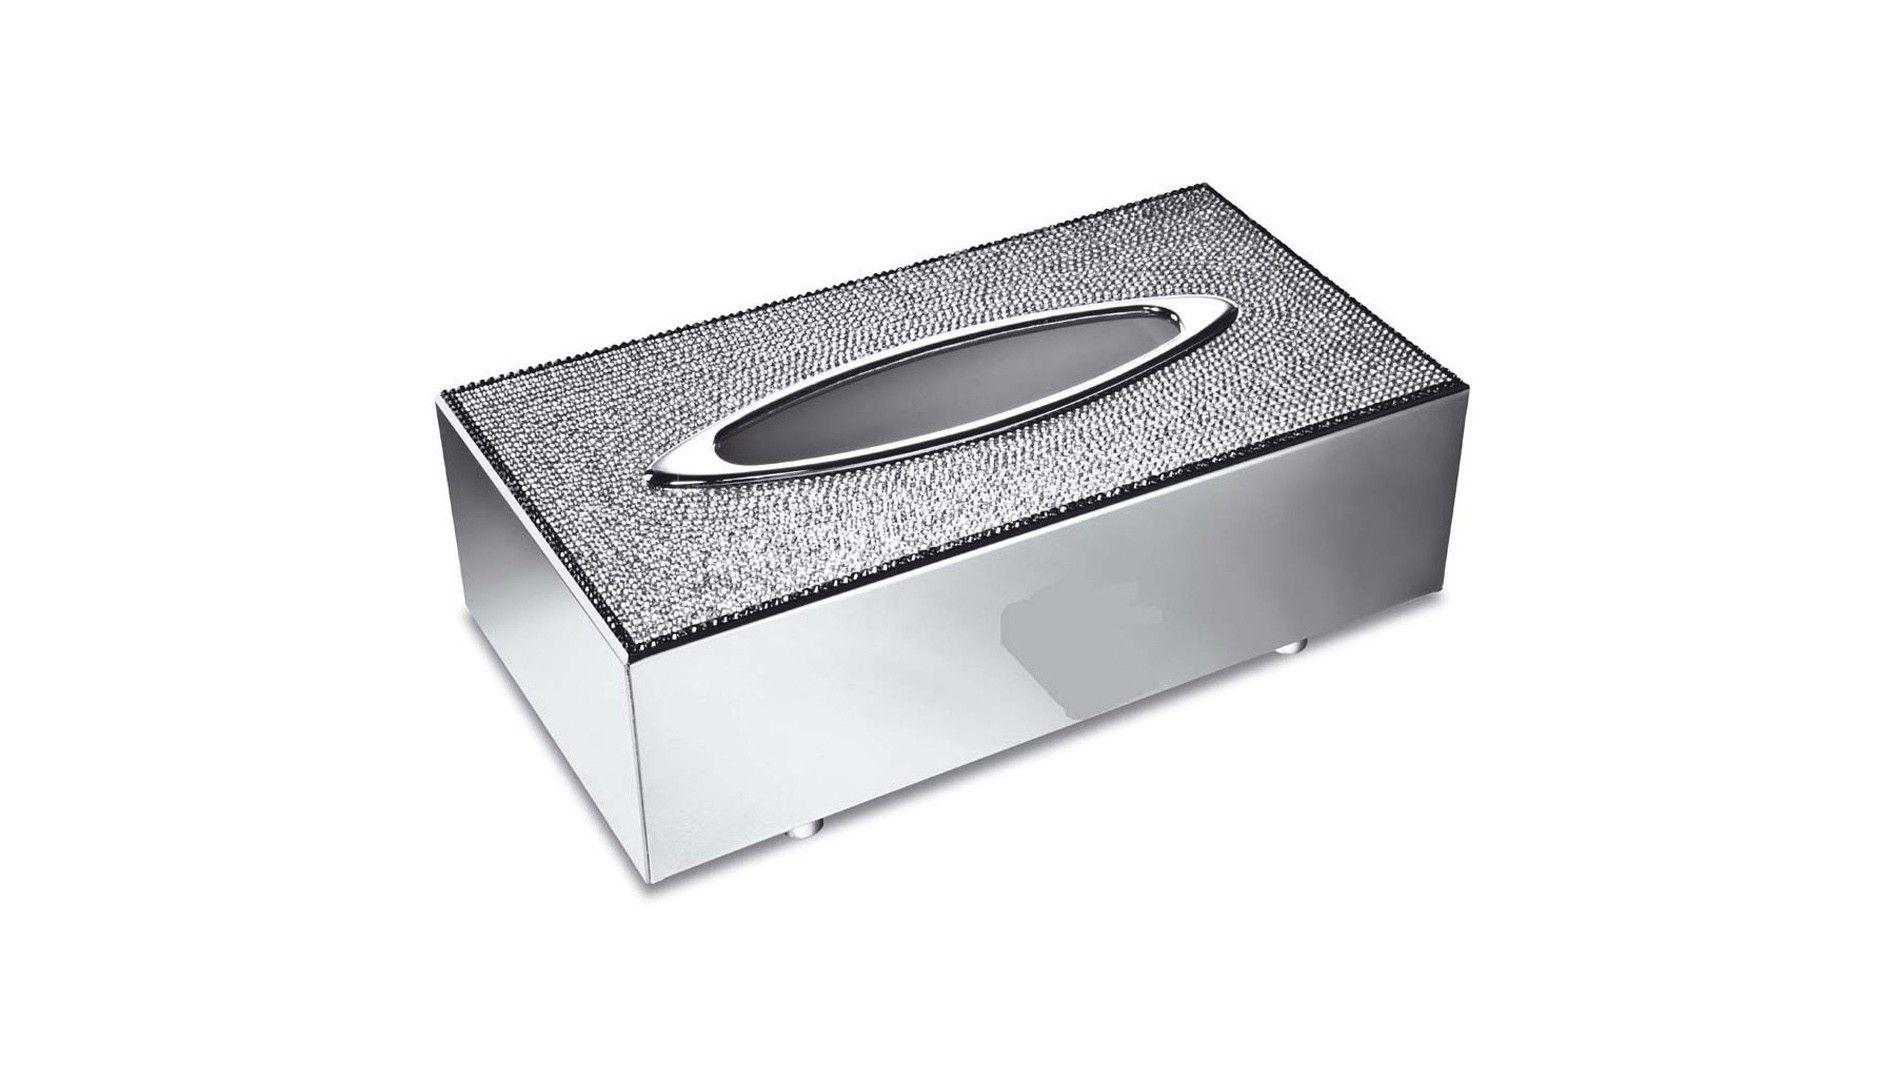 Porta lenço de papel cromado com cristais Swarovski - Chrome Tissue ...